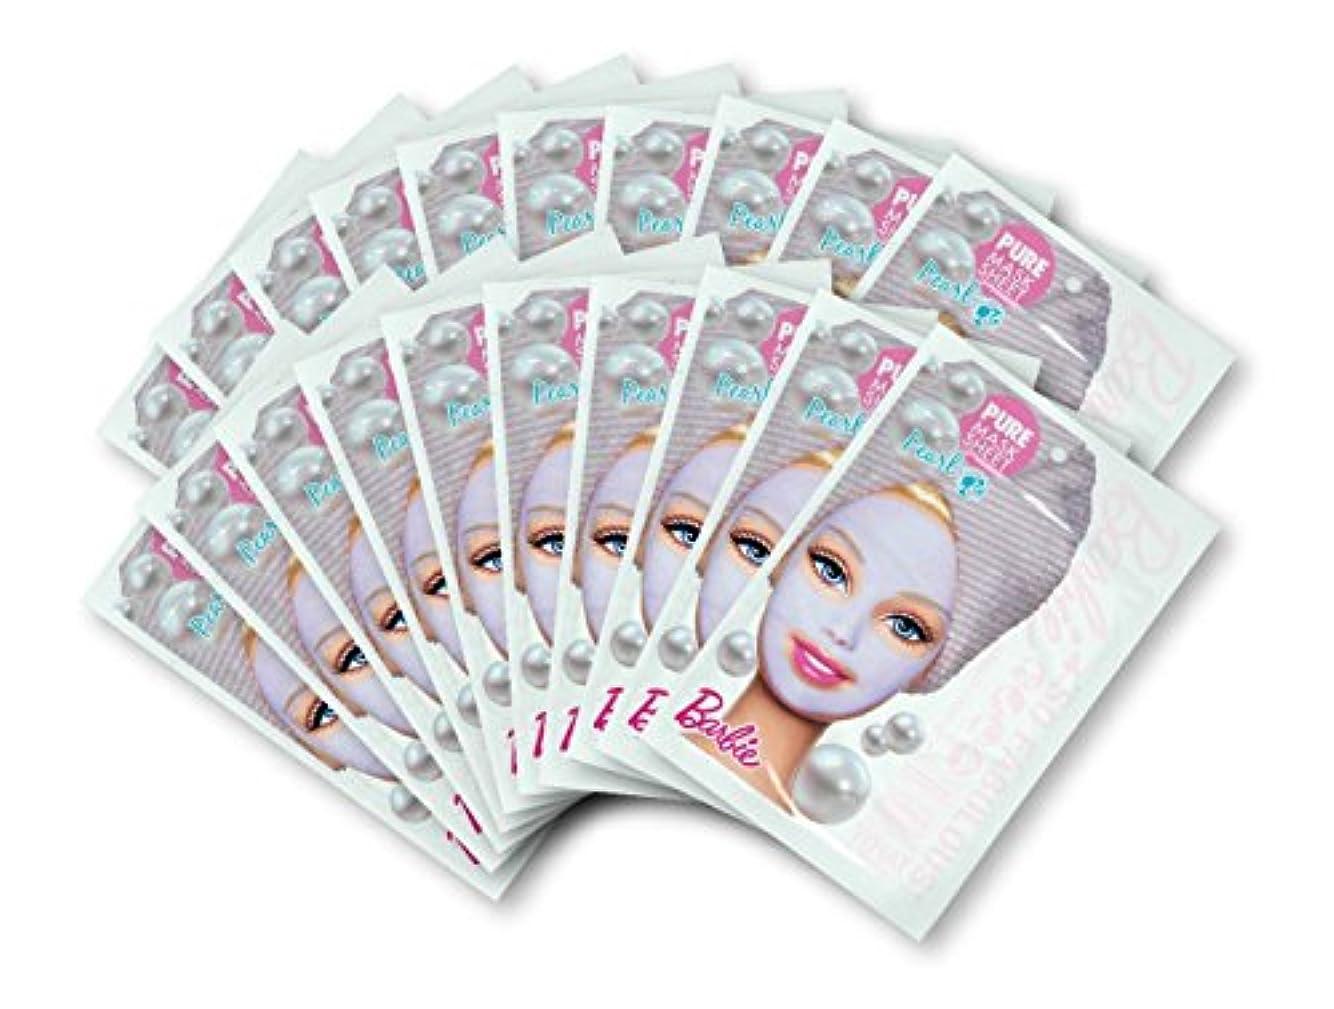 区画置き場動かすバービー (Barbie) フェイスマスク ピュアマスクシートN (パール) 25ml×20枚入り [保湿] 顔 シートマスク フェイスパック